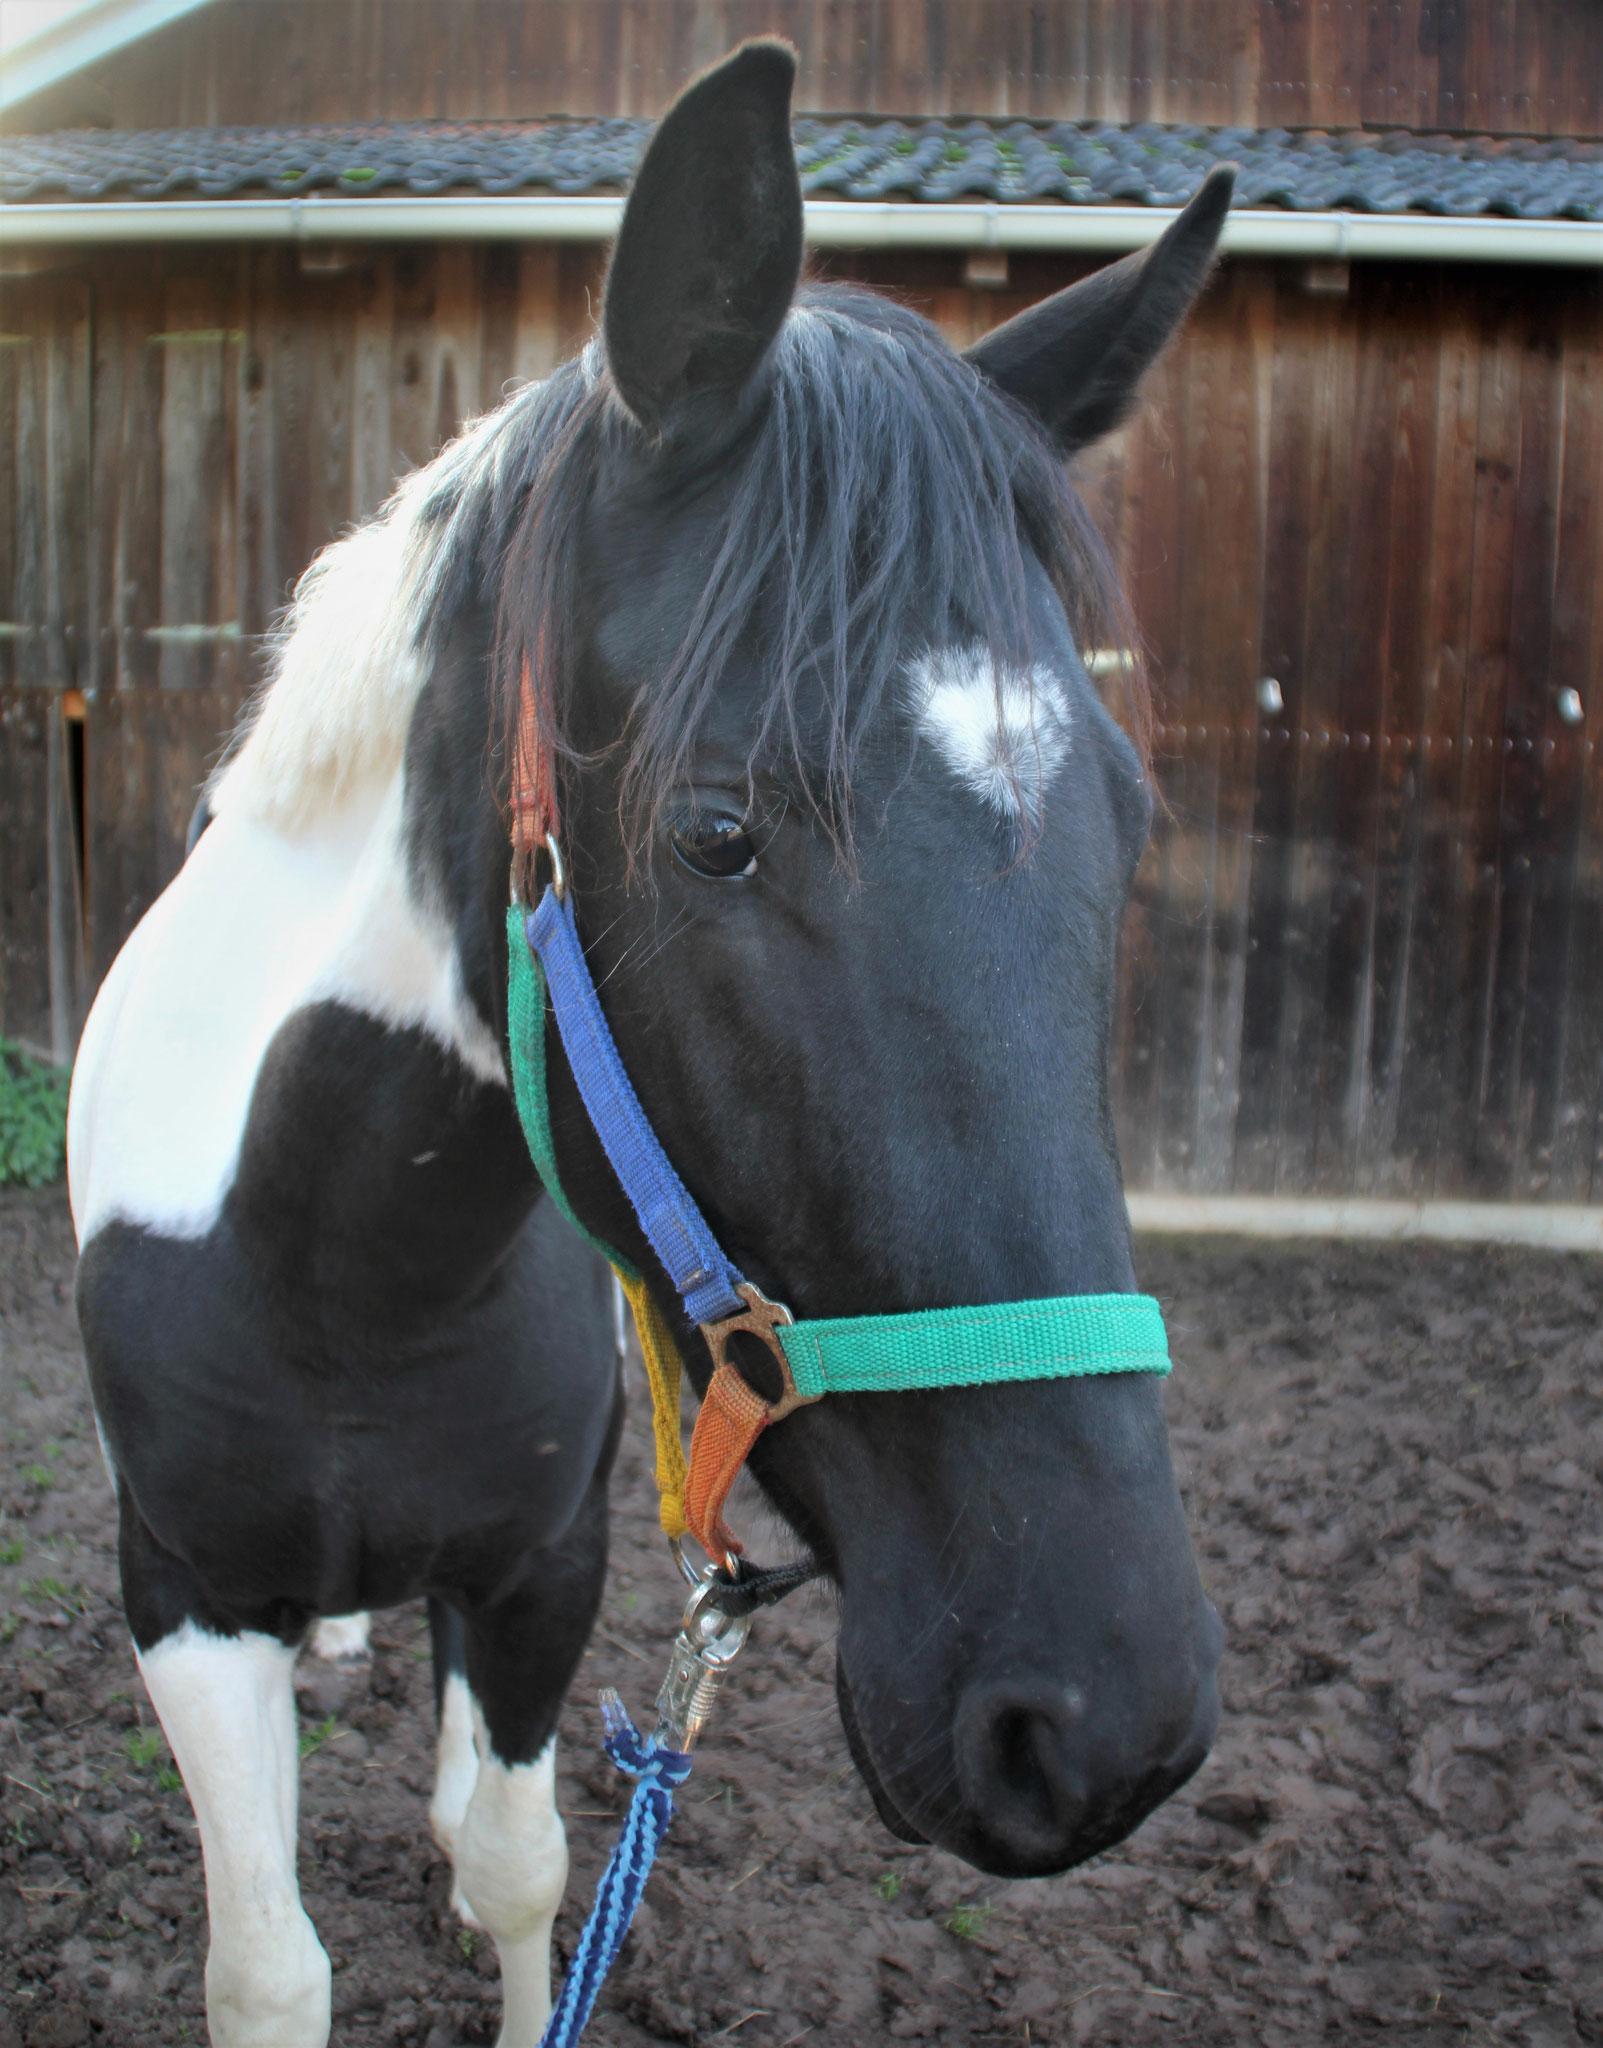 Pina, geb. 2017, im Wachstum. Ein unerschrockenes und neugieriges, kleines Pferd, welches im Moment noch seine Kindheit genießt.